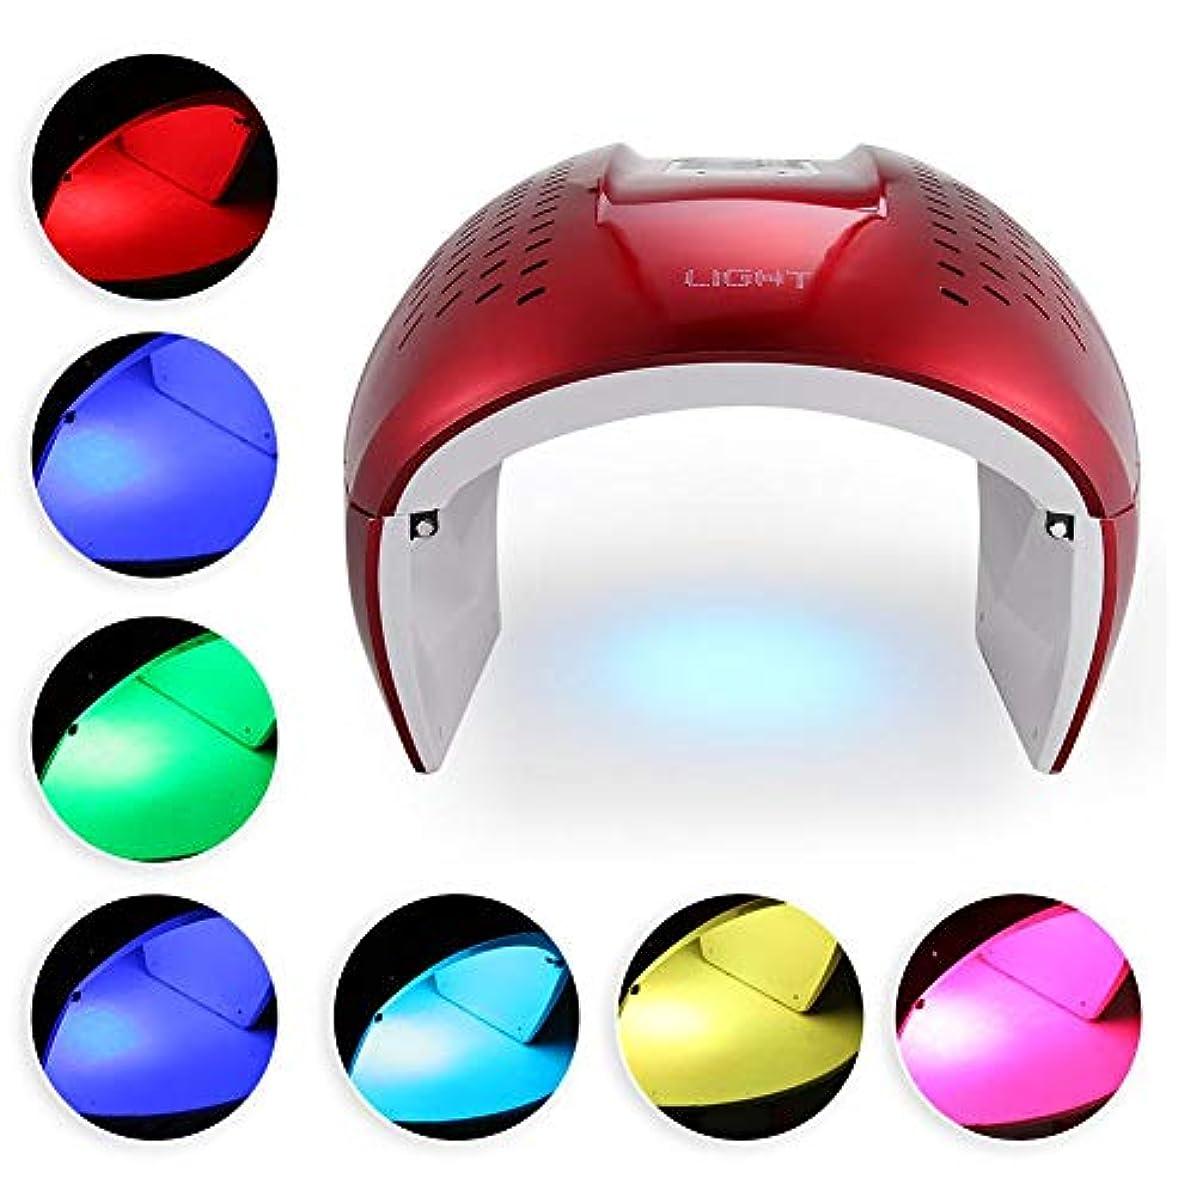 アナリストほとんどの場合米ドル7色のPDT LEDレッドブルーライトフェイスマシンセラピーアンチにきびの除去顔の皮膚の若返りライトセラピー美容デバイスのマスク